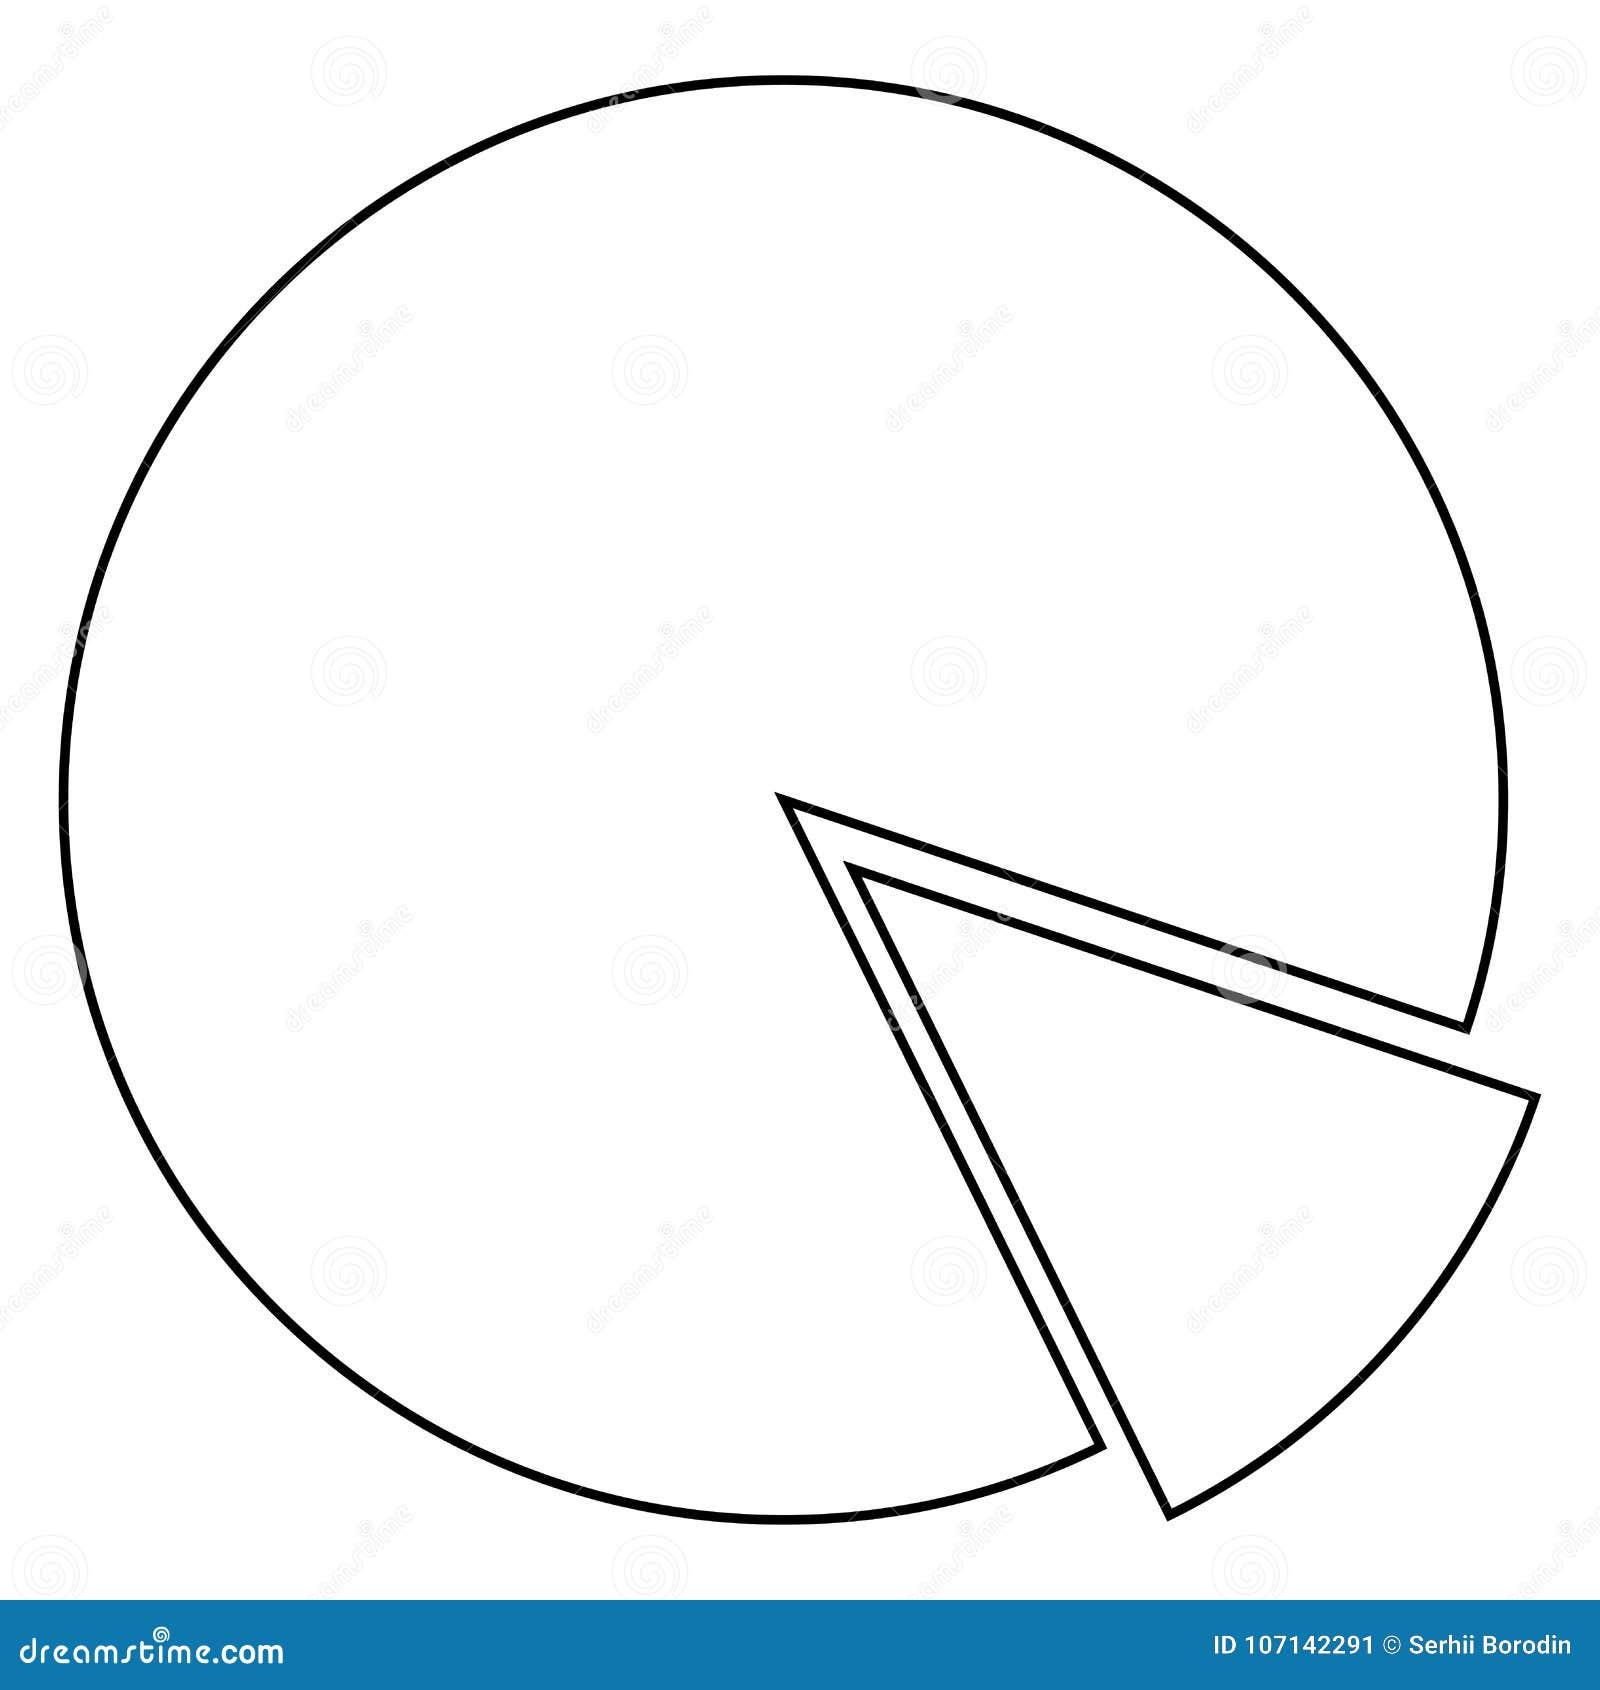 Circle diagram icon . Black color .